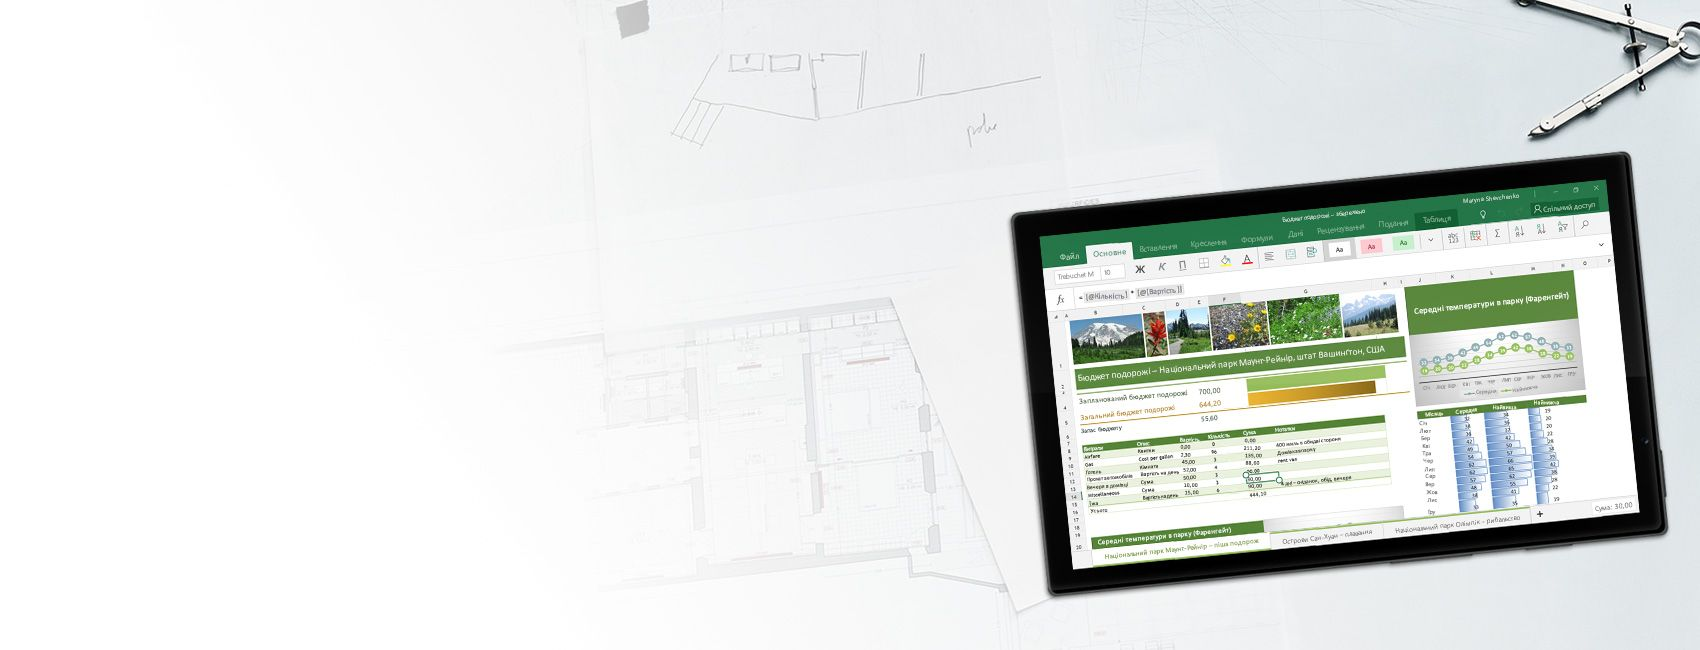 Планшет із Windows, на якому відкрито електронну таблицю Excel із прикладом діаграми та звіту про бюджет подорожі в Excel для Windows 10 Mobile